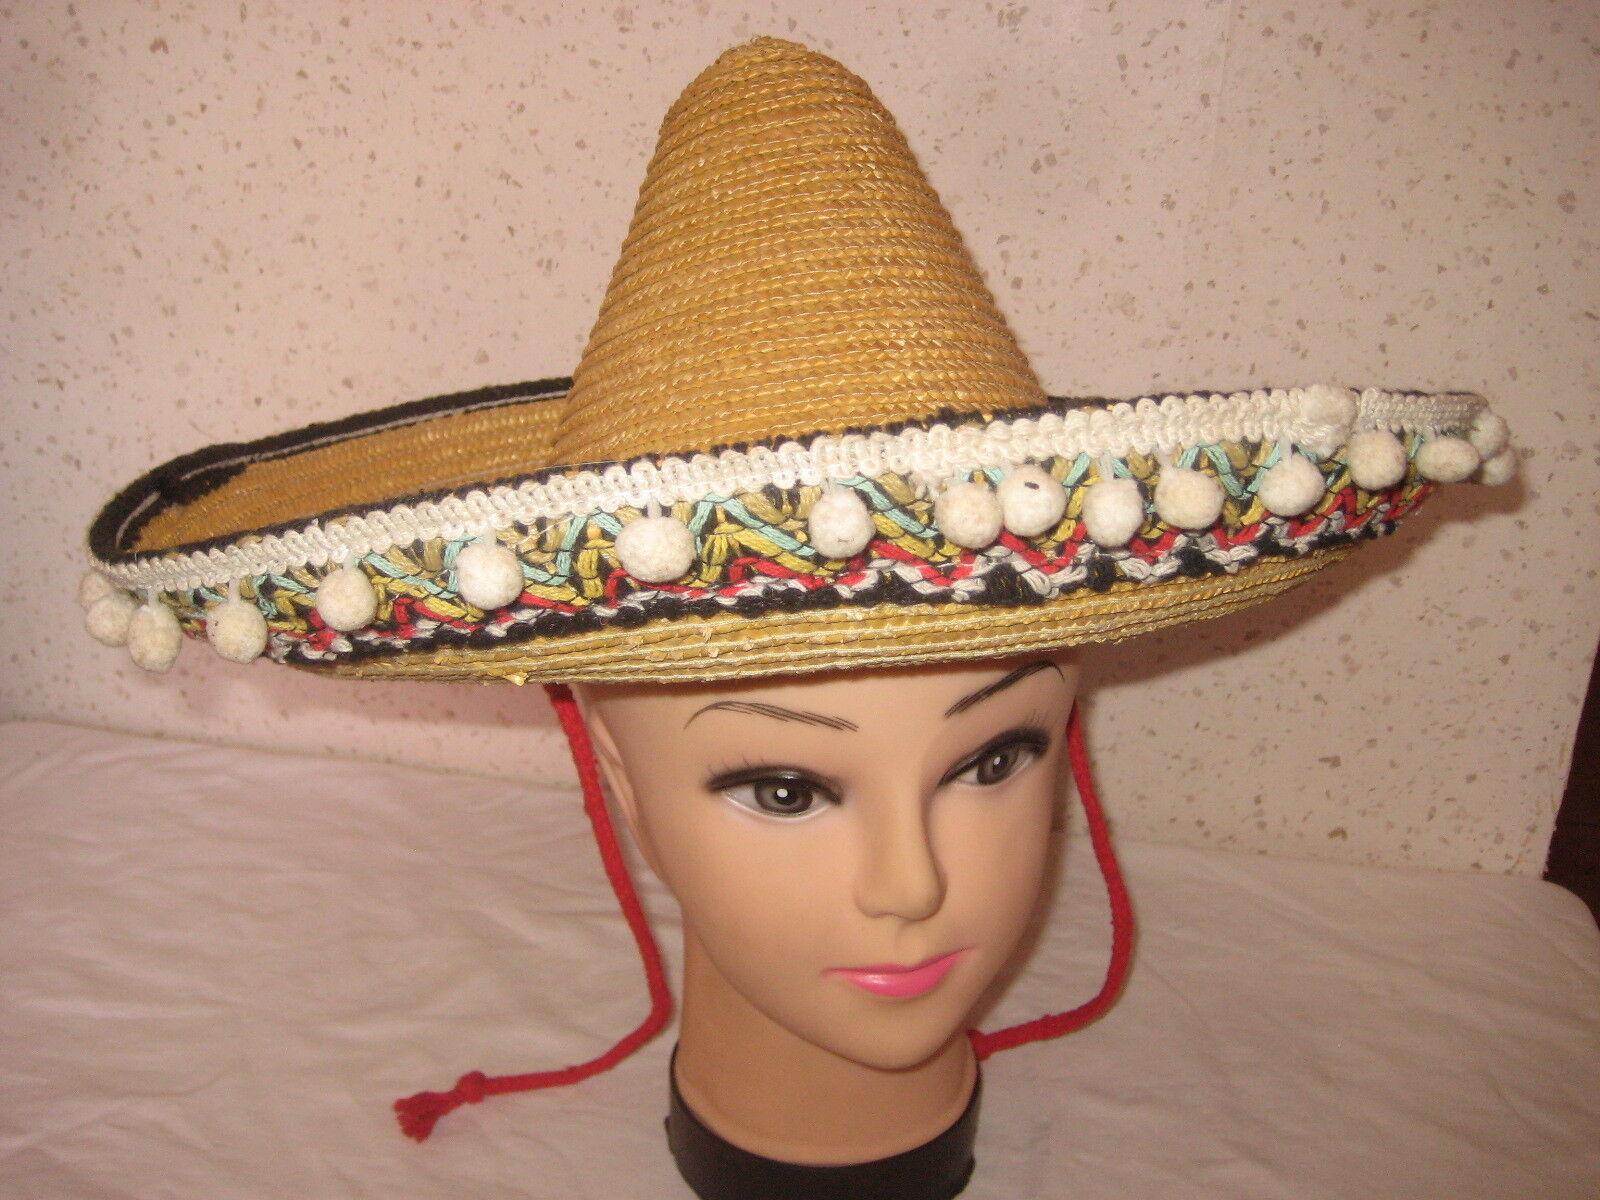 Chapeau mexicain en paille